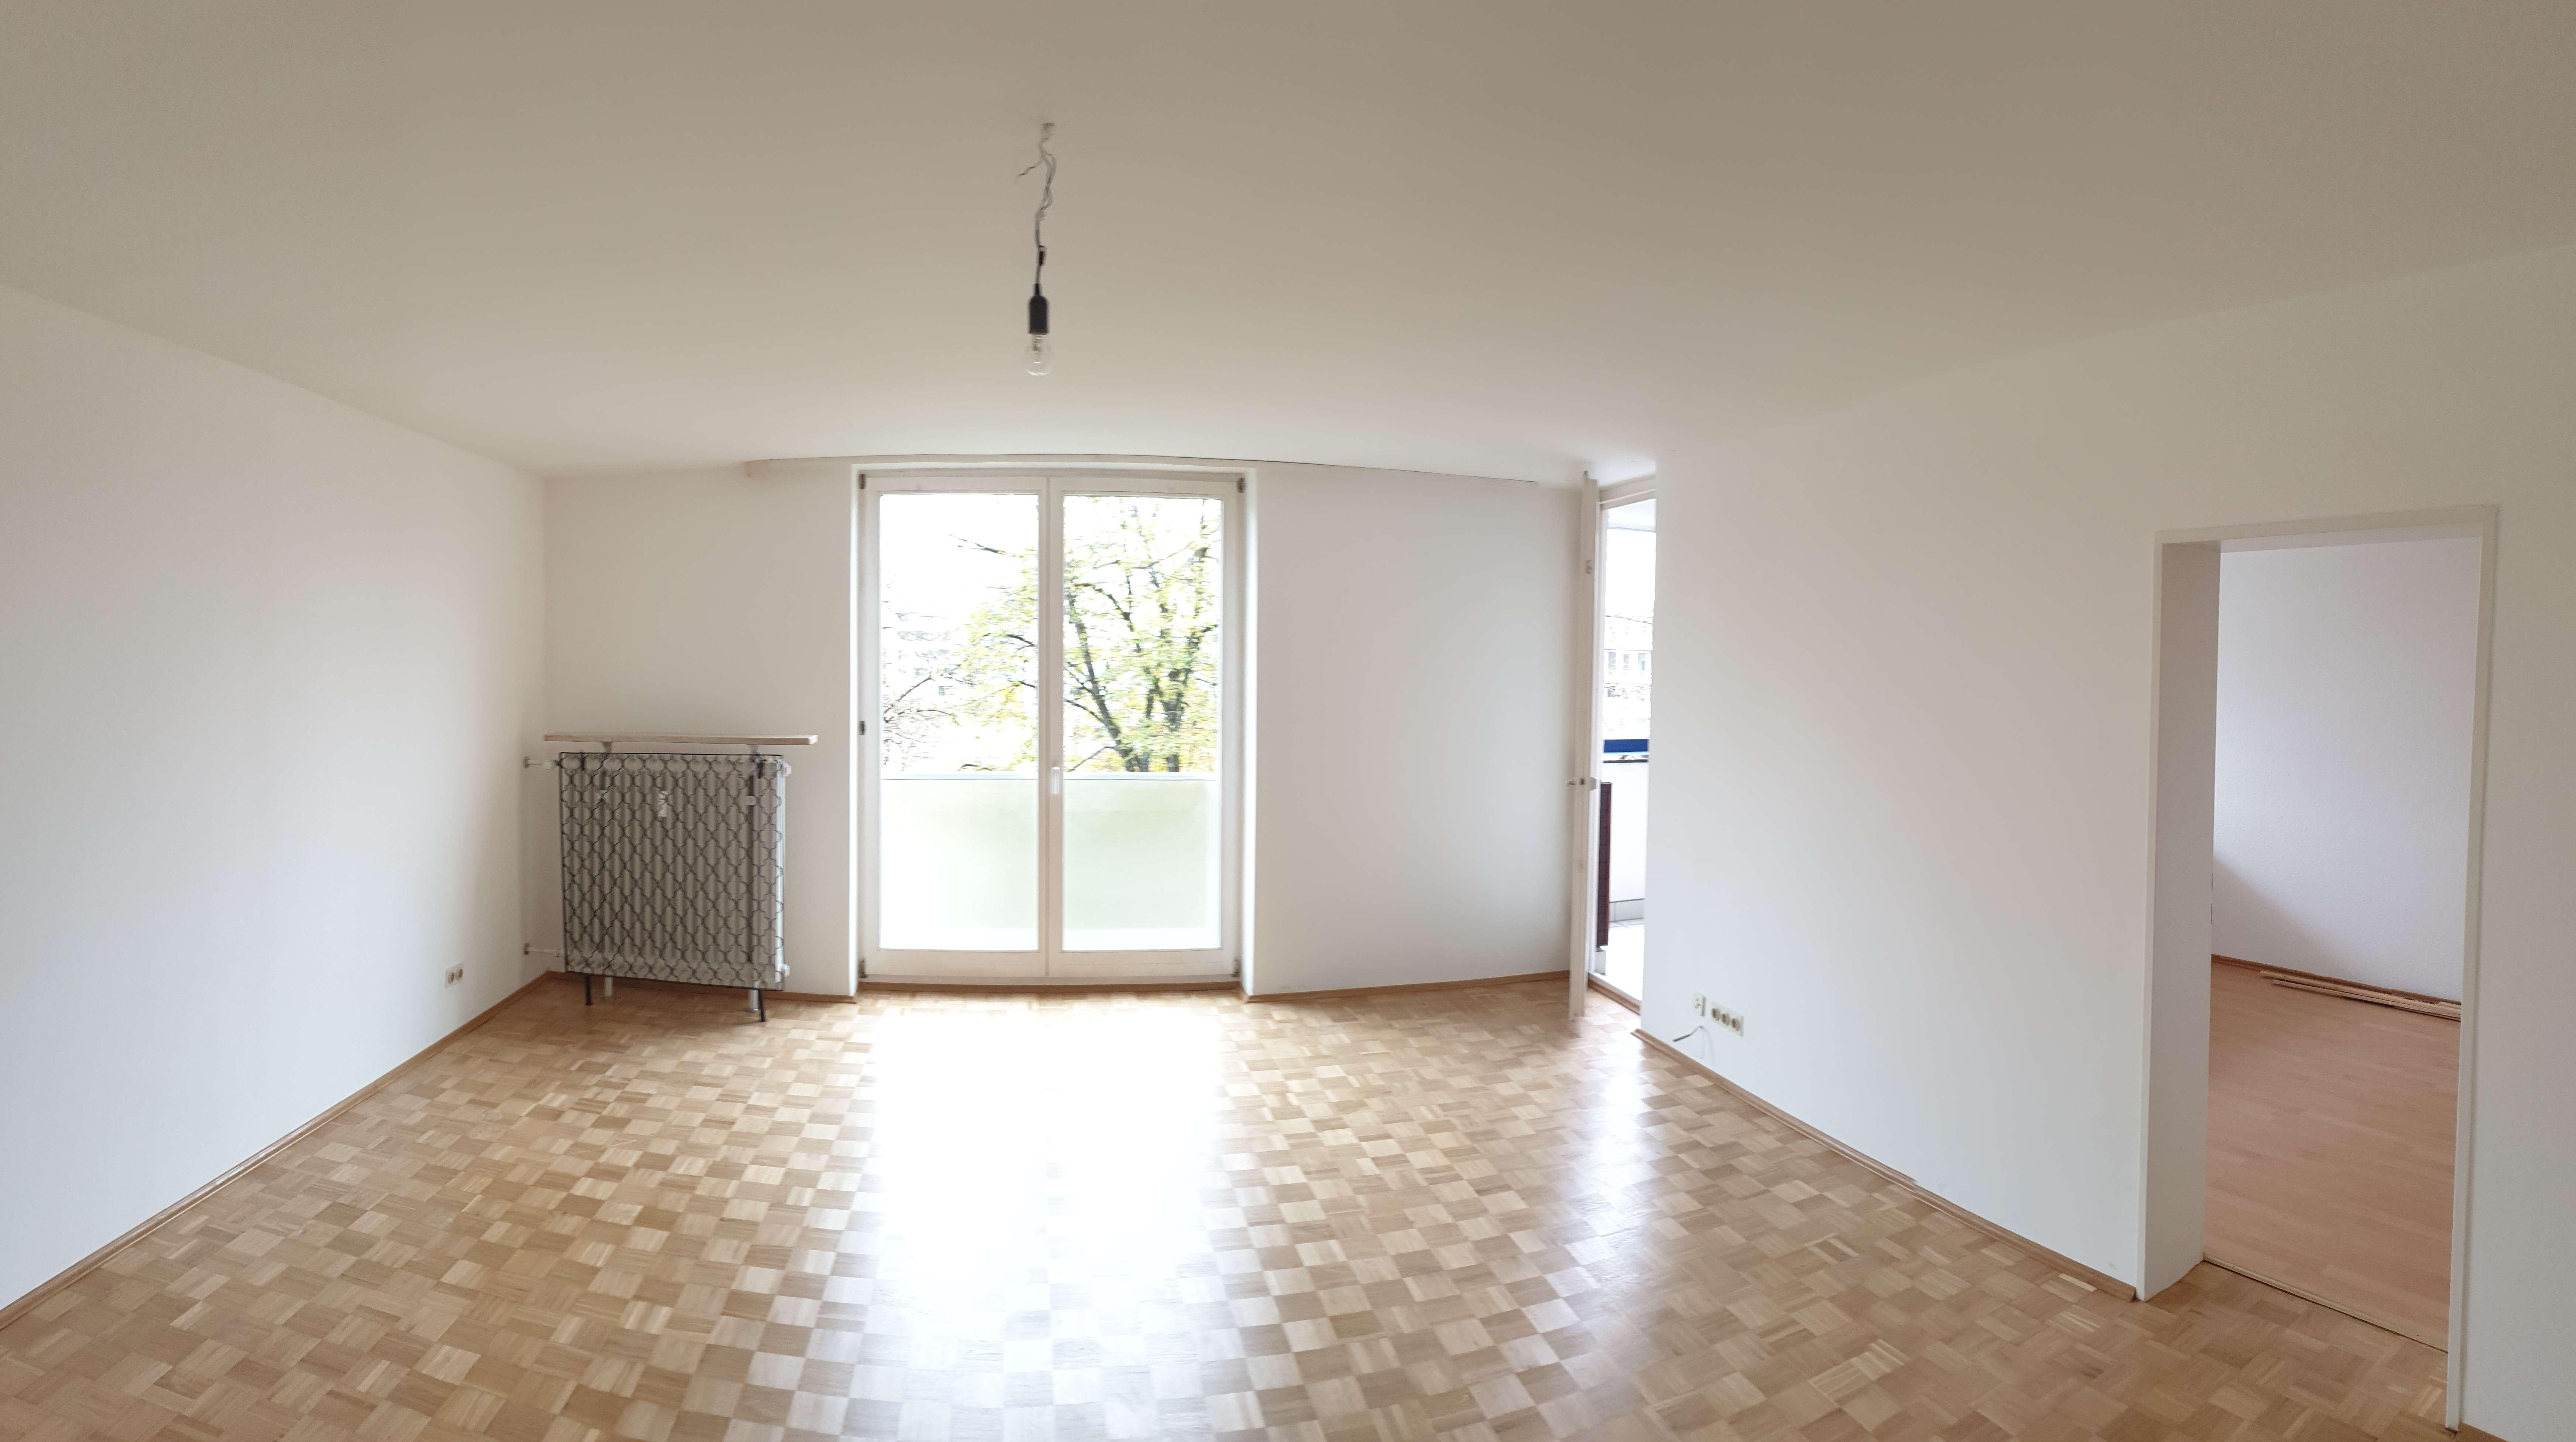 Modernisierte 3-Zimmer-Wohnung mit Loggia in Laim, München in Laim (München)